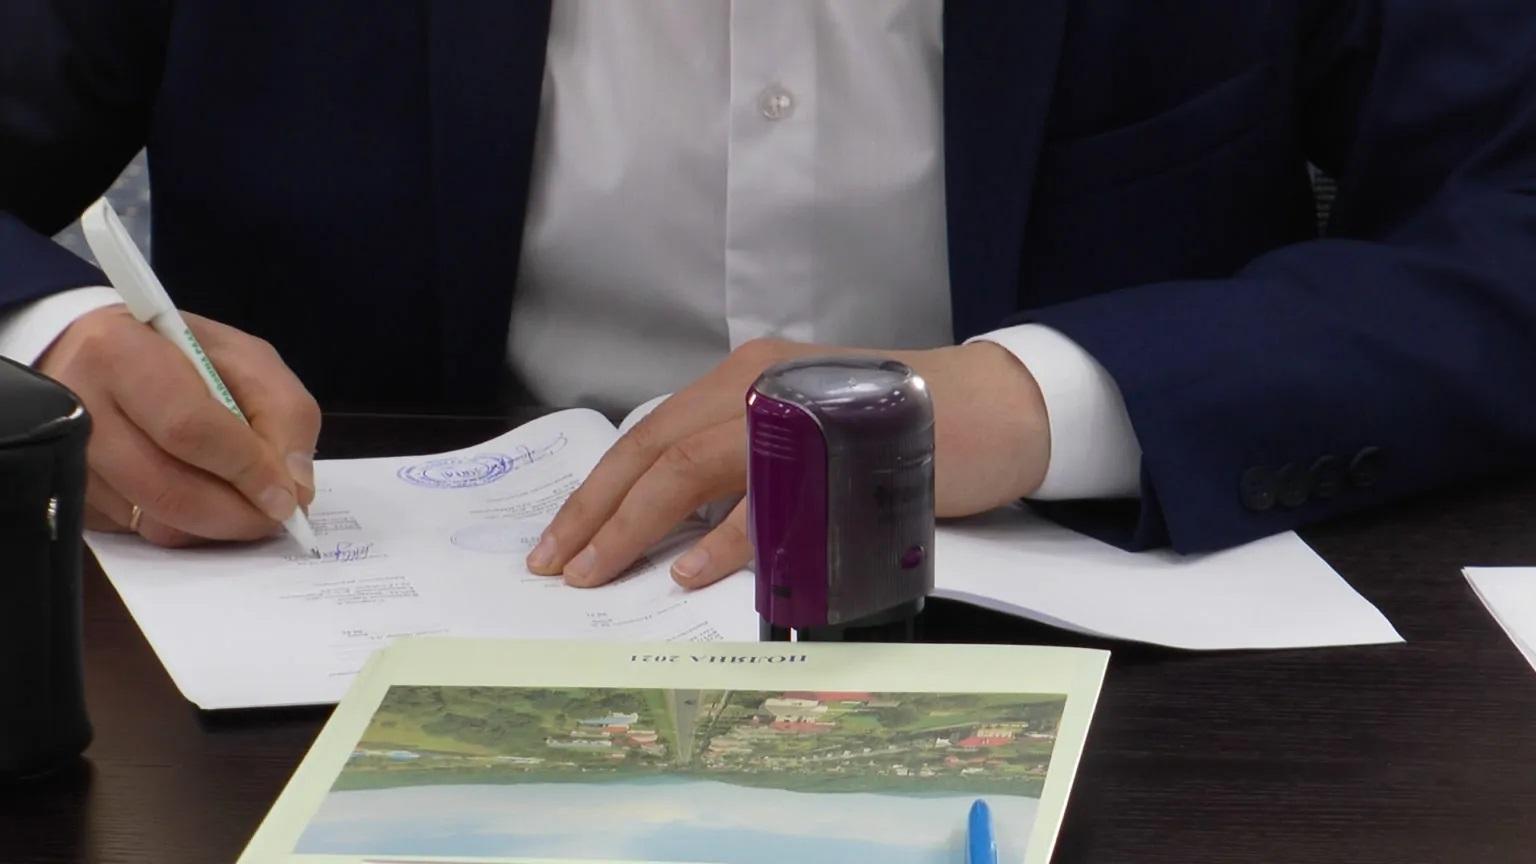 У Полянській ОТГ підписали договір співробітництва 16 громад стосовно будівництва сміттєсортувального заводу